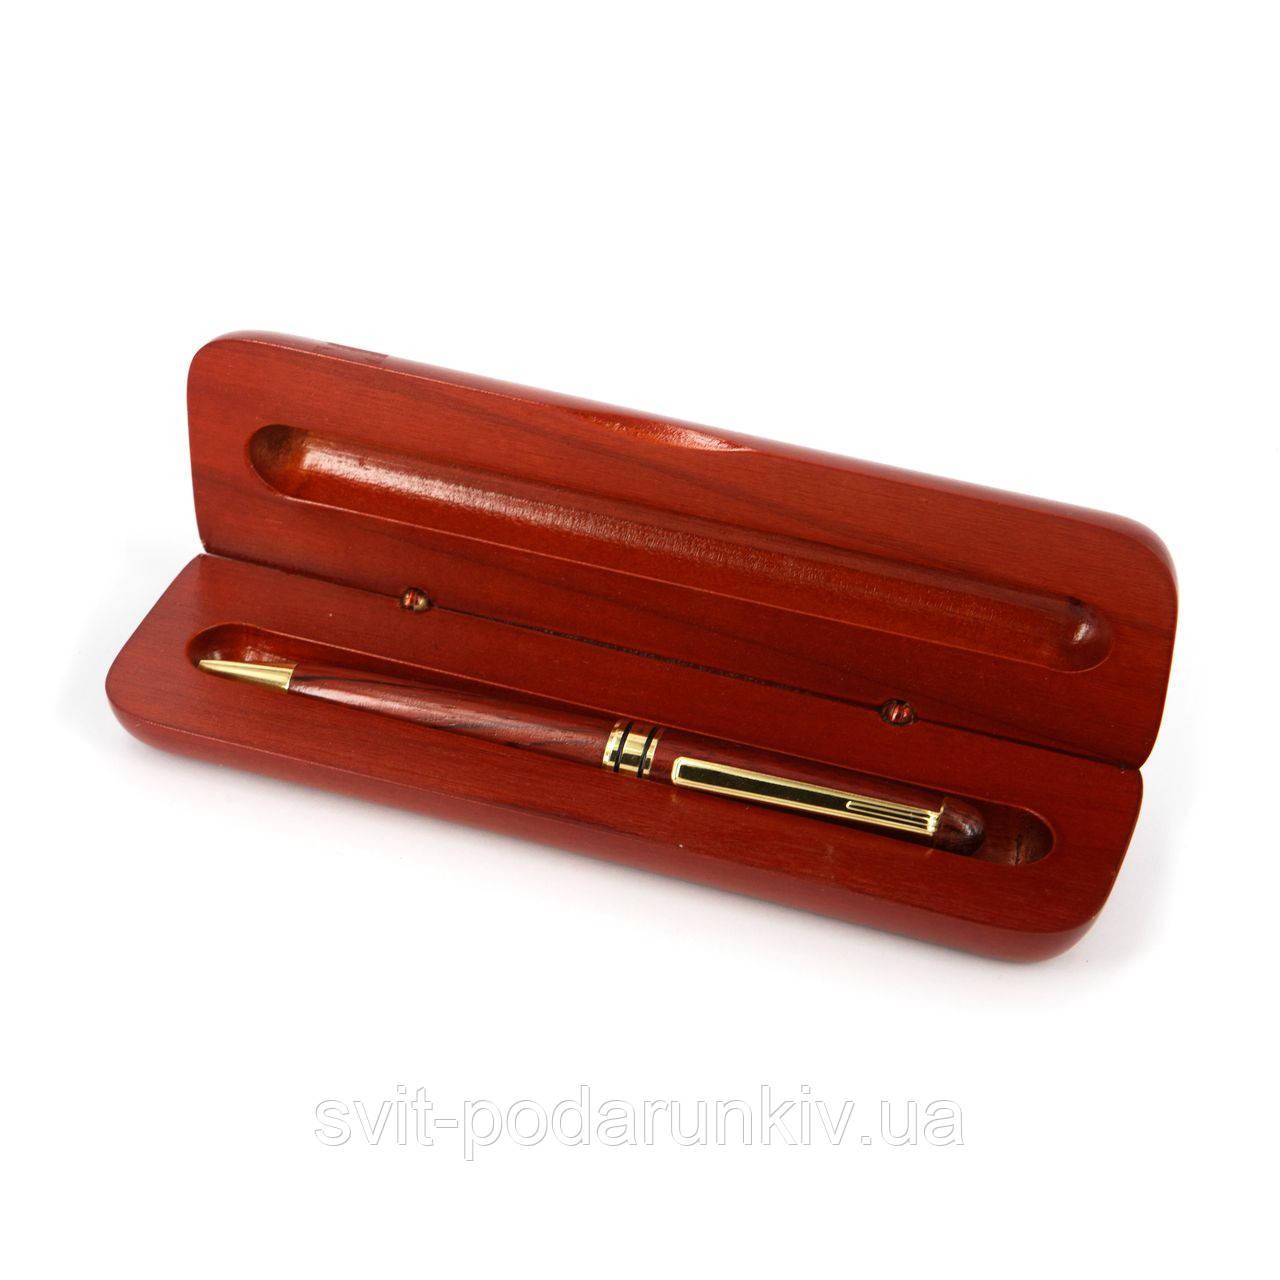 Сувенирная шариковая ручка в подарочном футляре Albero Ode S08-101